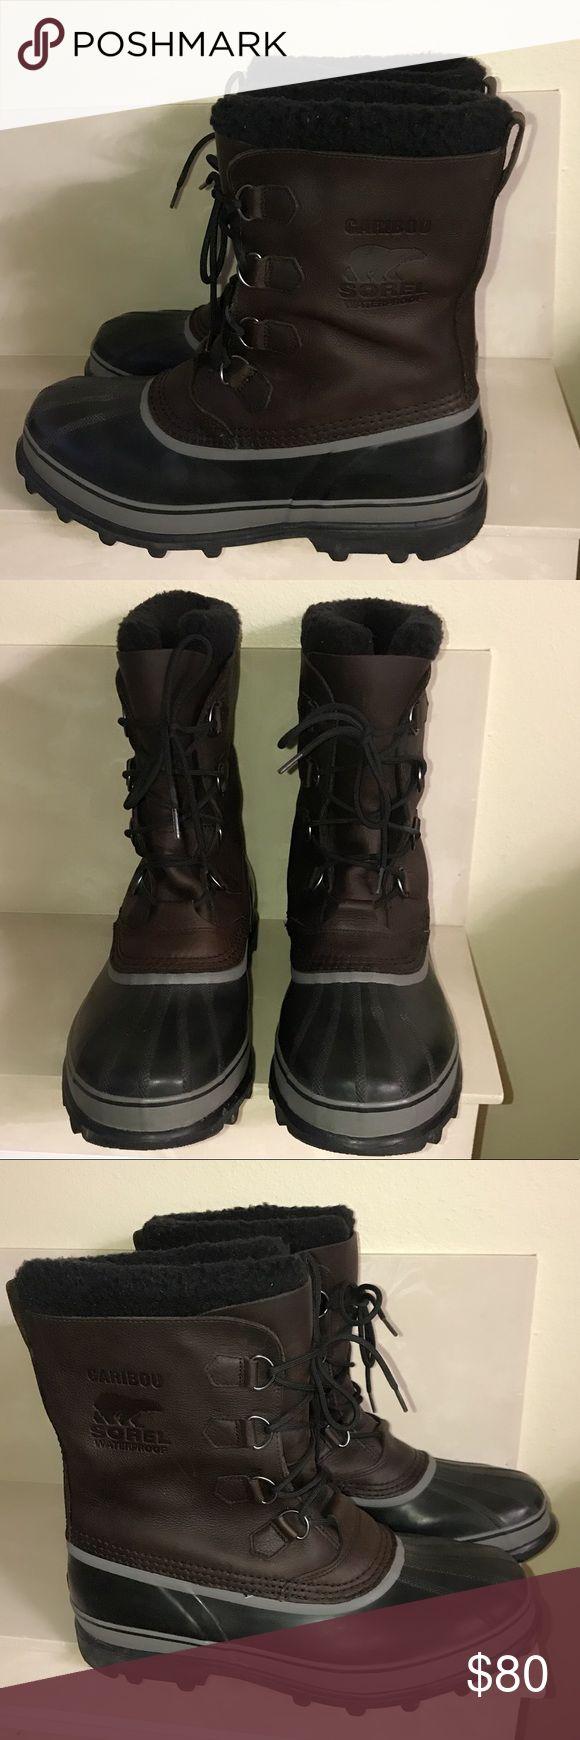 Authentic Sorel Caribou boots men's size 15 Very Good condition Authentic Sorel Caribou boots men's size 15 light wear Sorel Shoes Boots